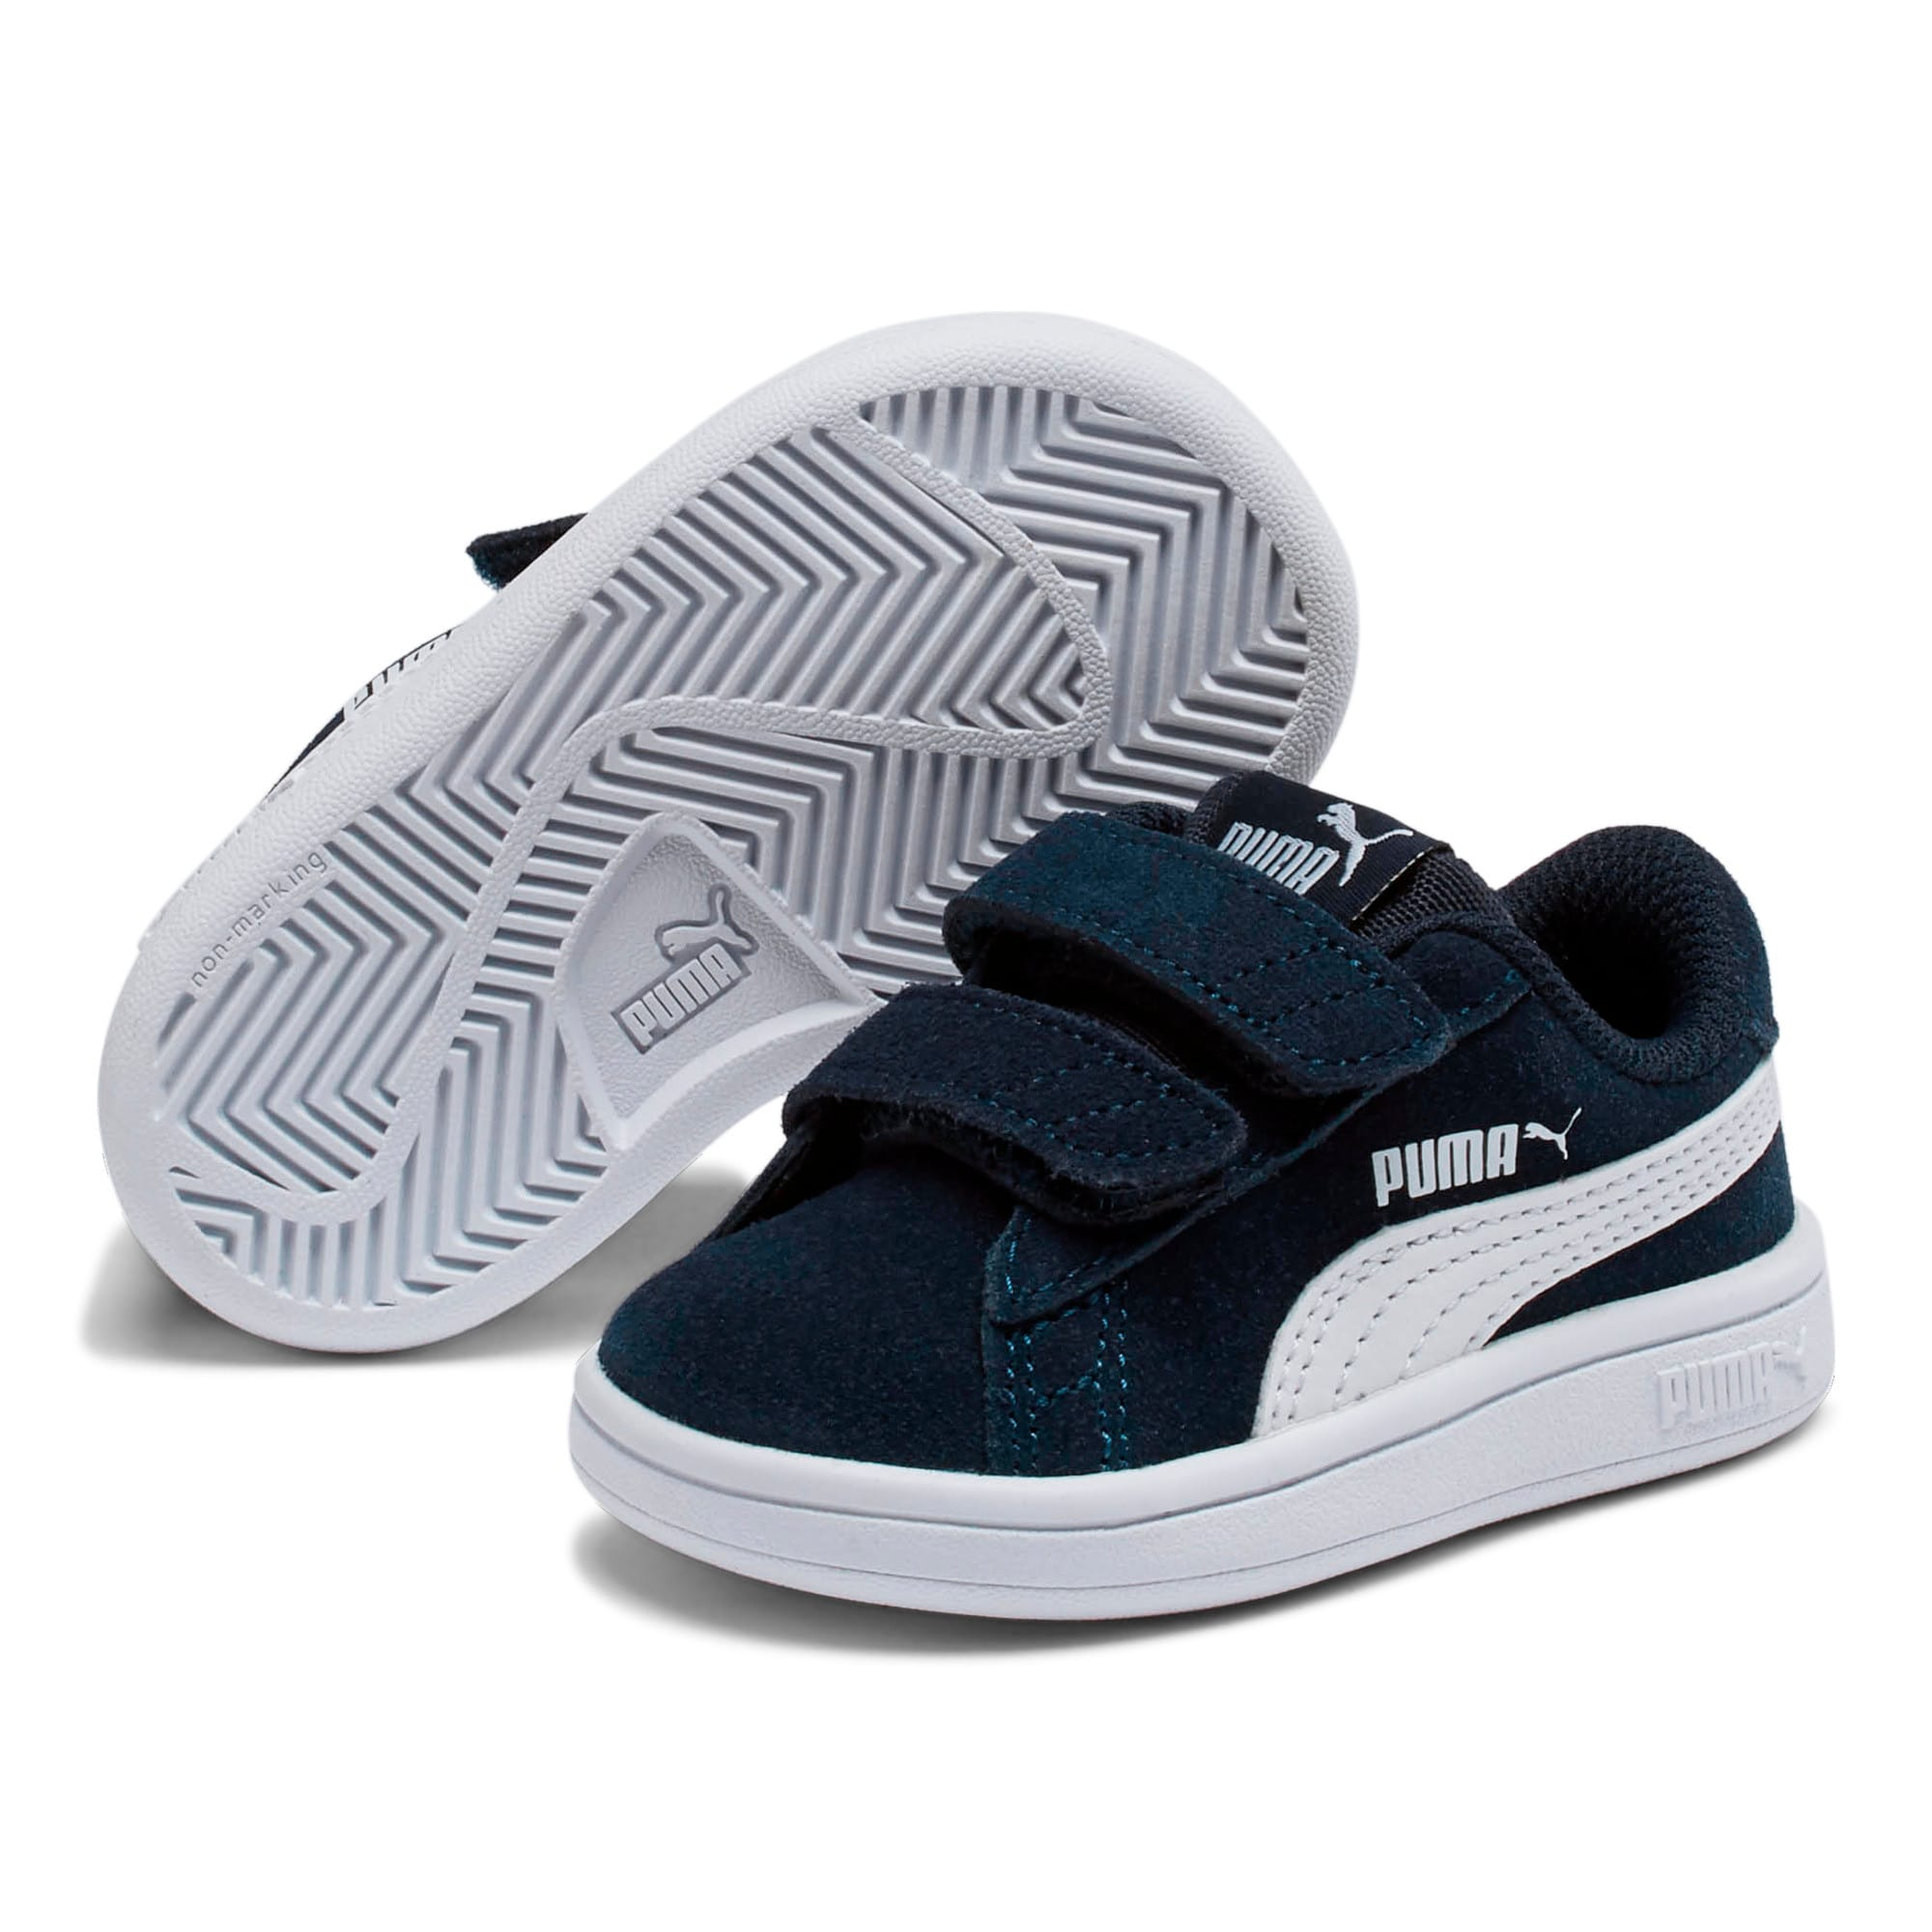 Miniatura 2 de ZapatosPUMA Smash v2Suede para bebés, Peacoat-Puma White, mediano